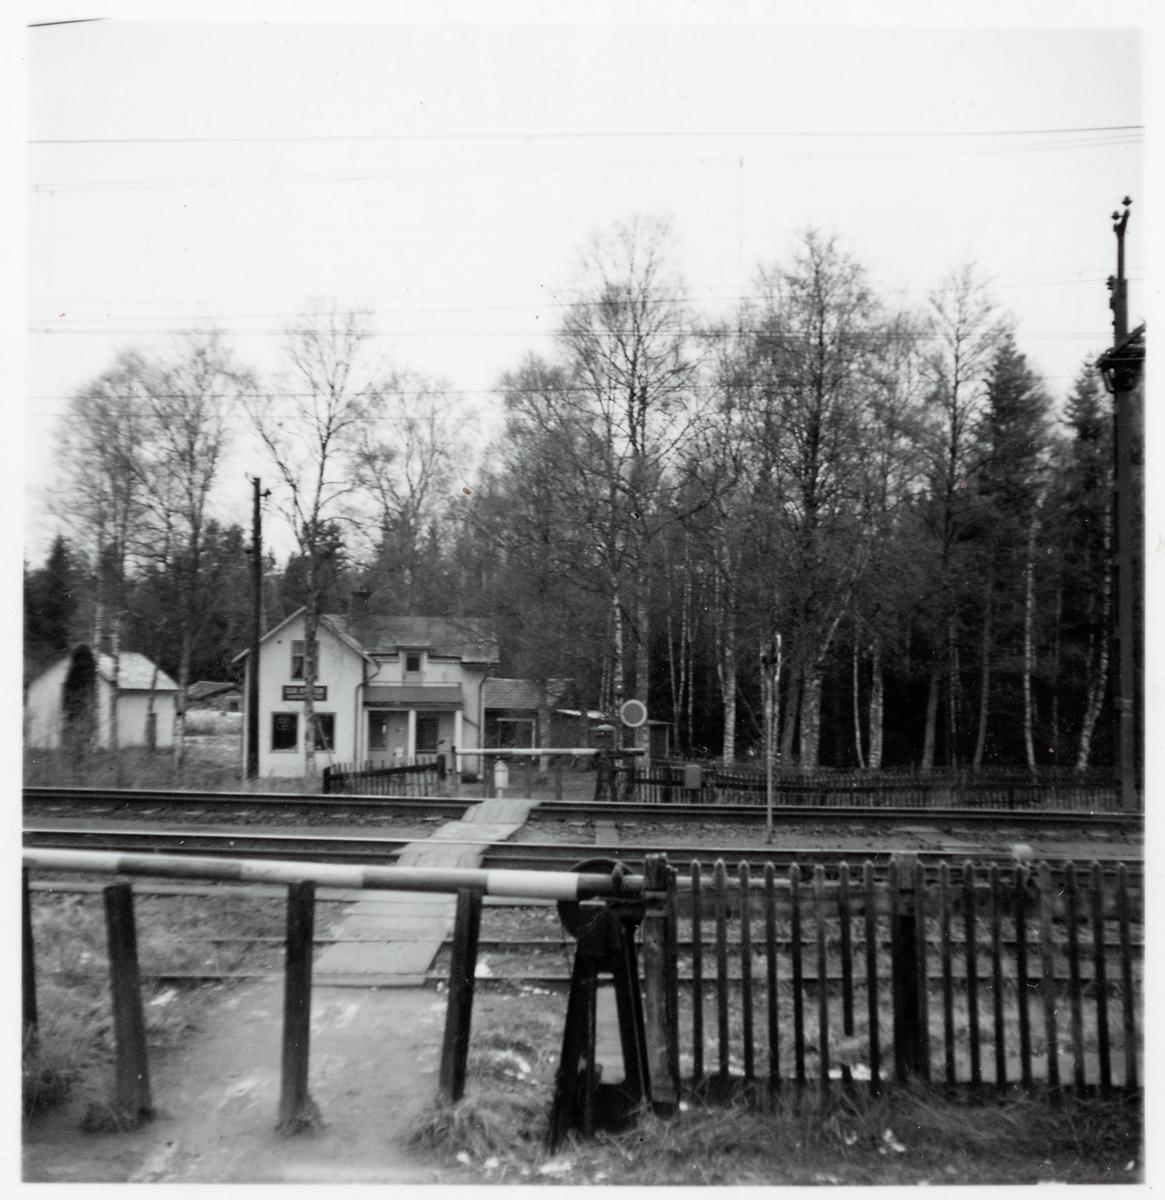 Järnvägsövergång vid Solberga station, södra delen av bangården.